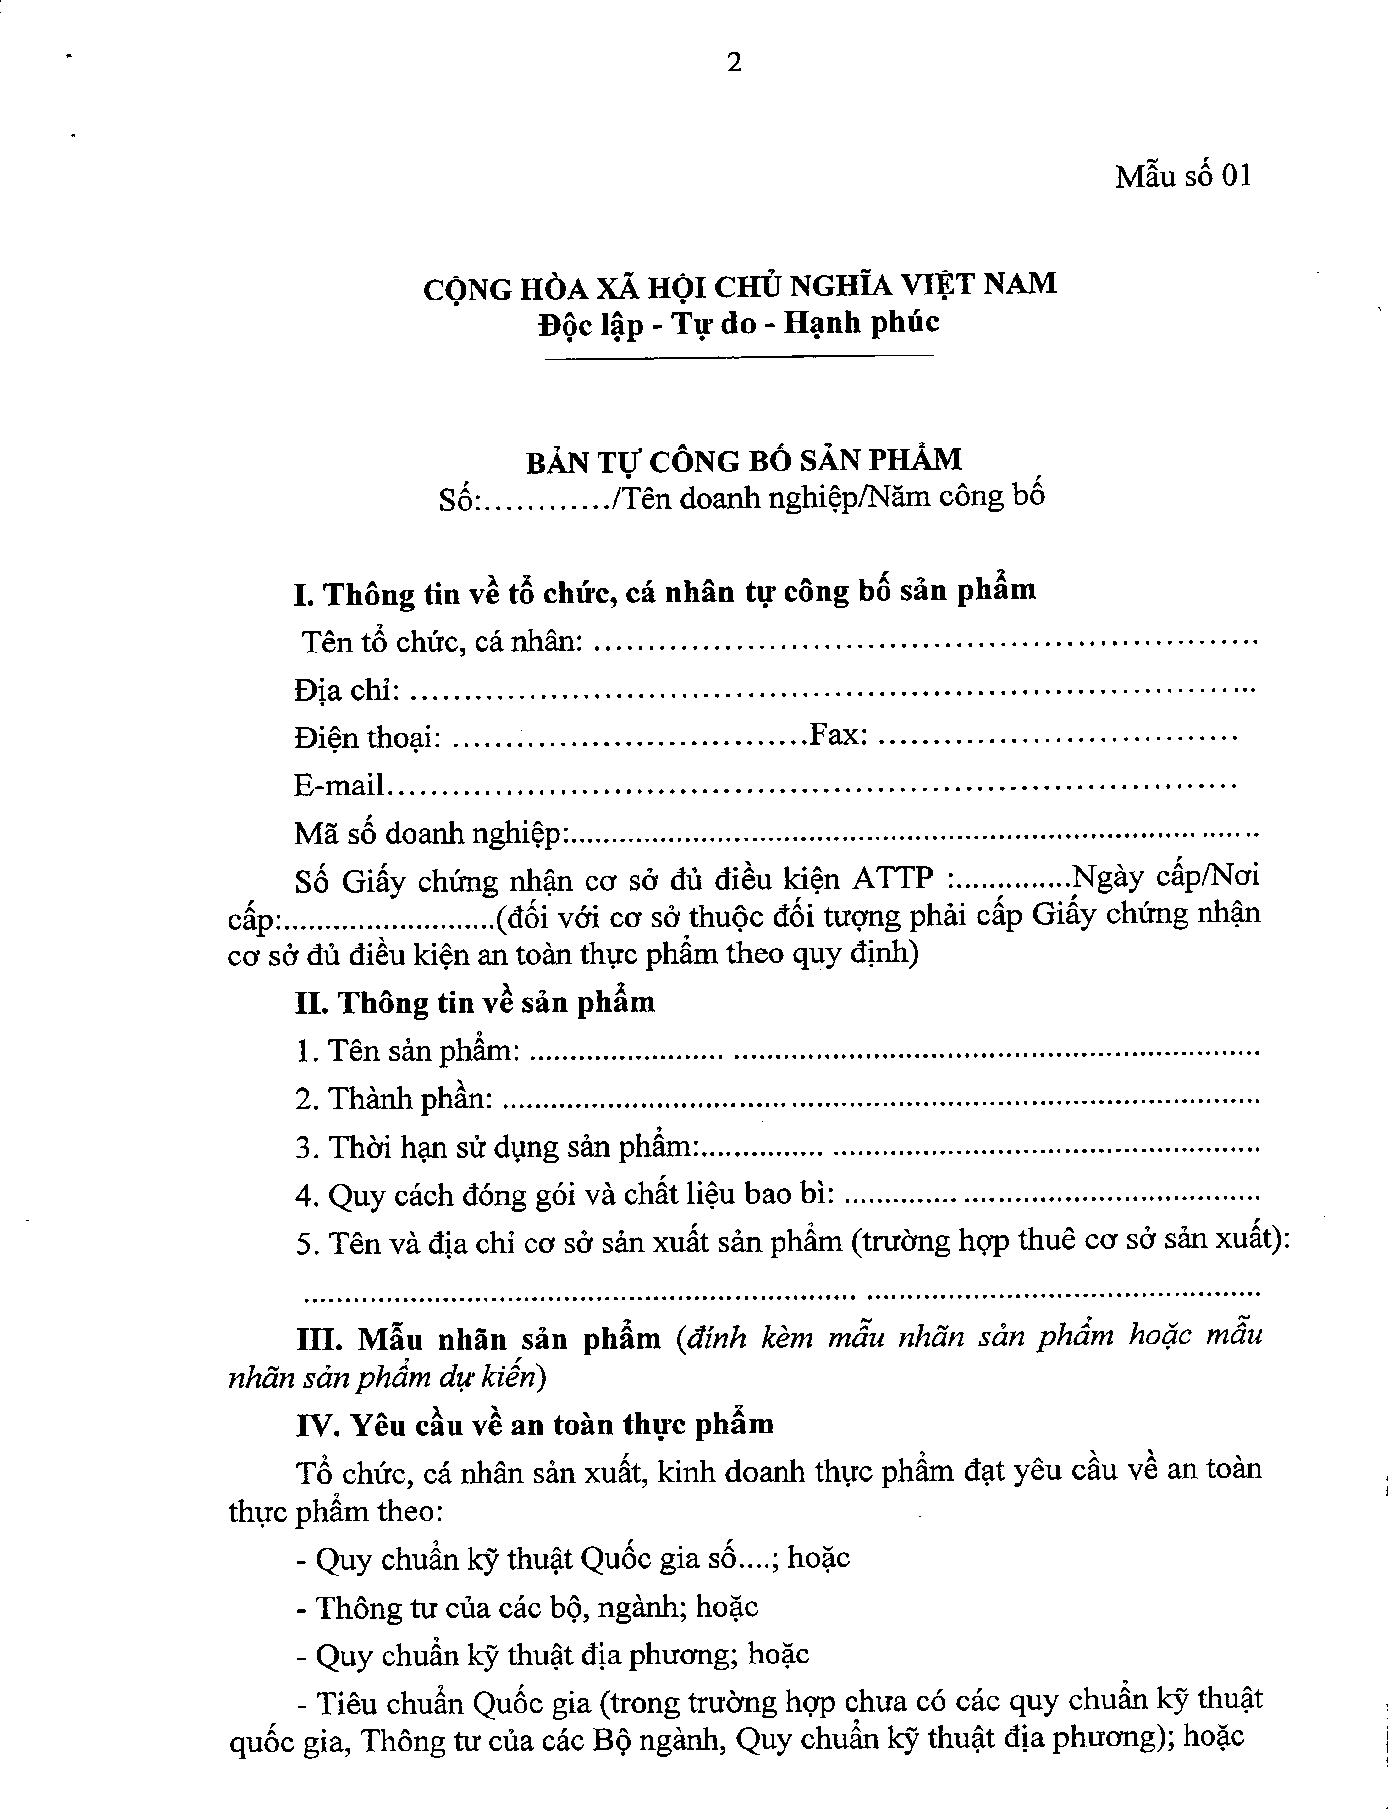 Bản tự công bố sản phẩm theo Nghị định 15